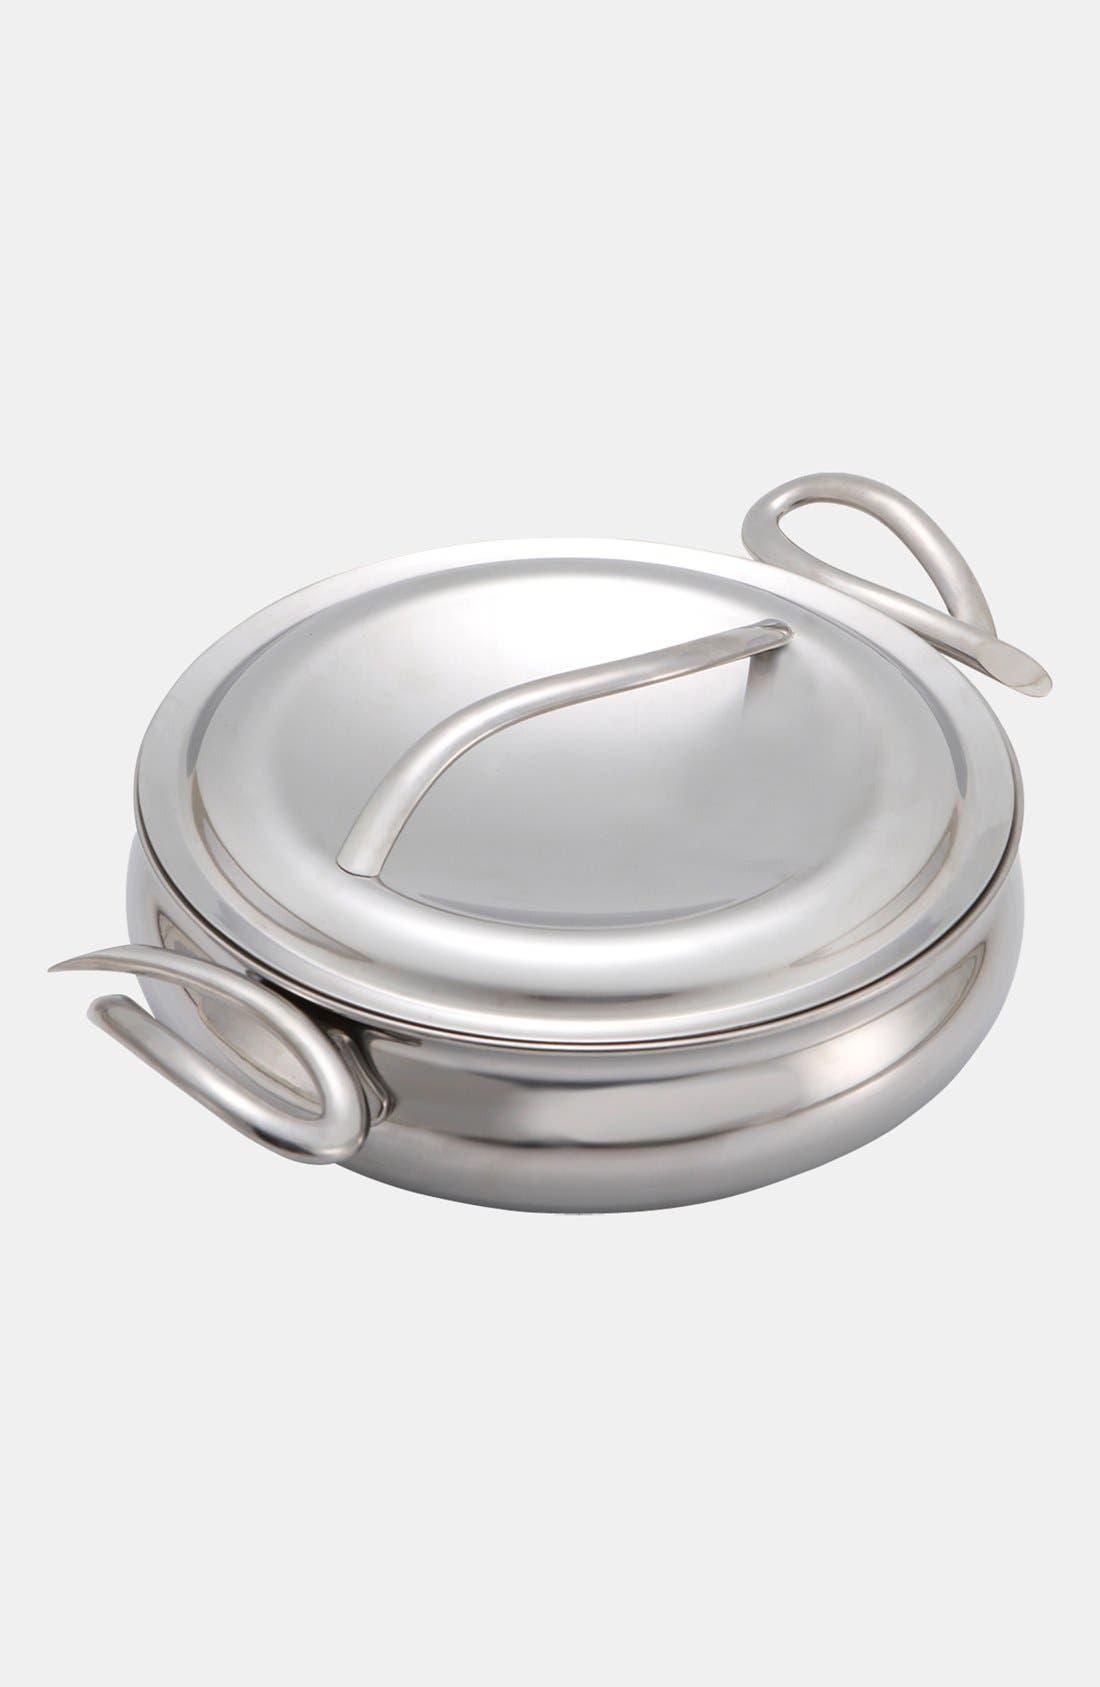 CookServ 10 Inch Sauté Pan,                         Main,                         color, 040